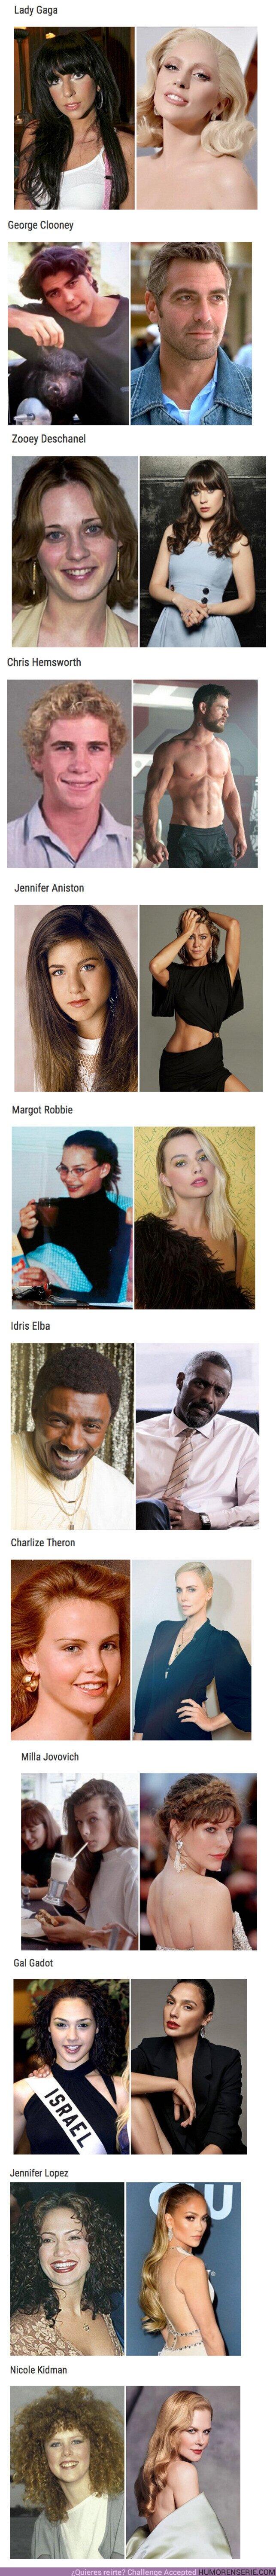 51309 - GALERÍA: Te sorprenderás cuando veas cómo eran estos 12 guapisimos actores antes de ser famosos